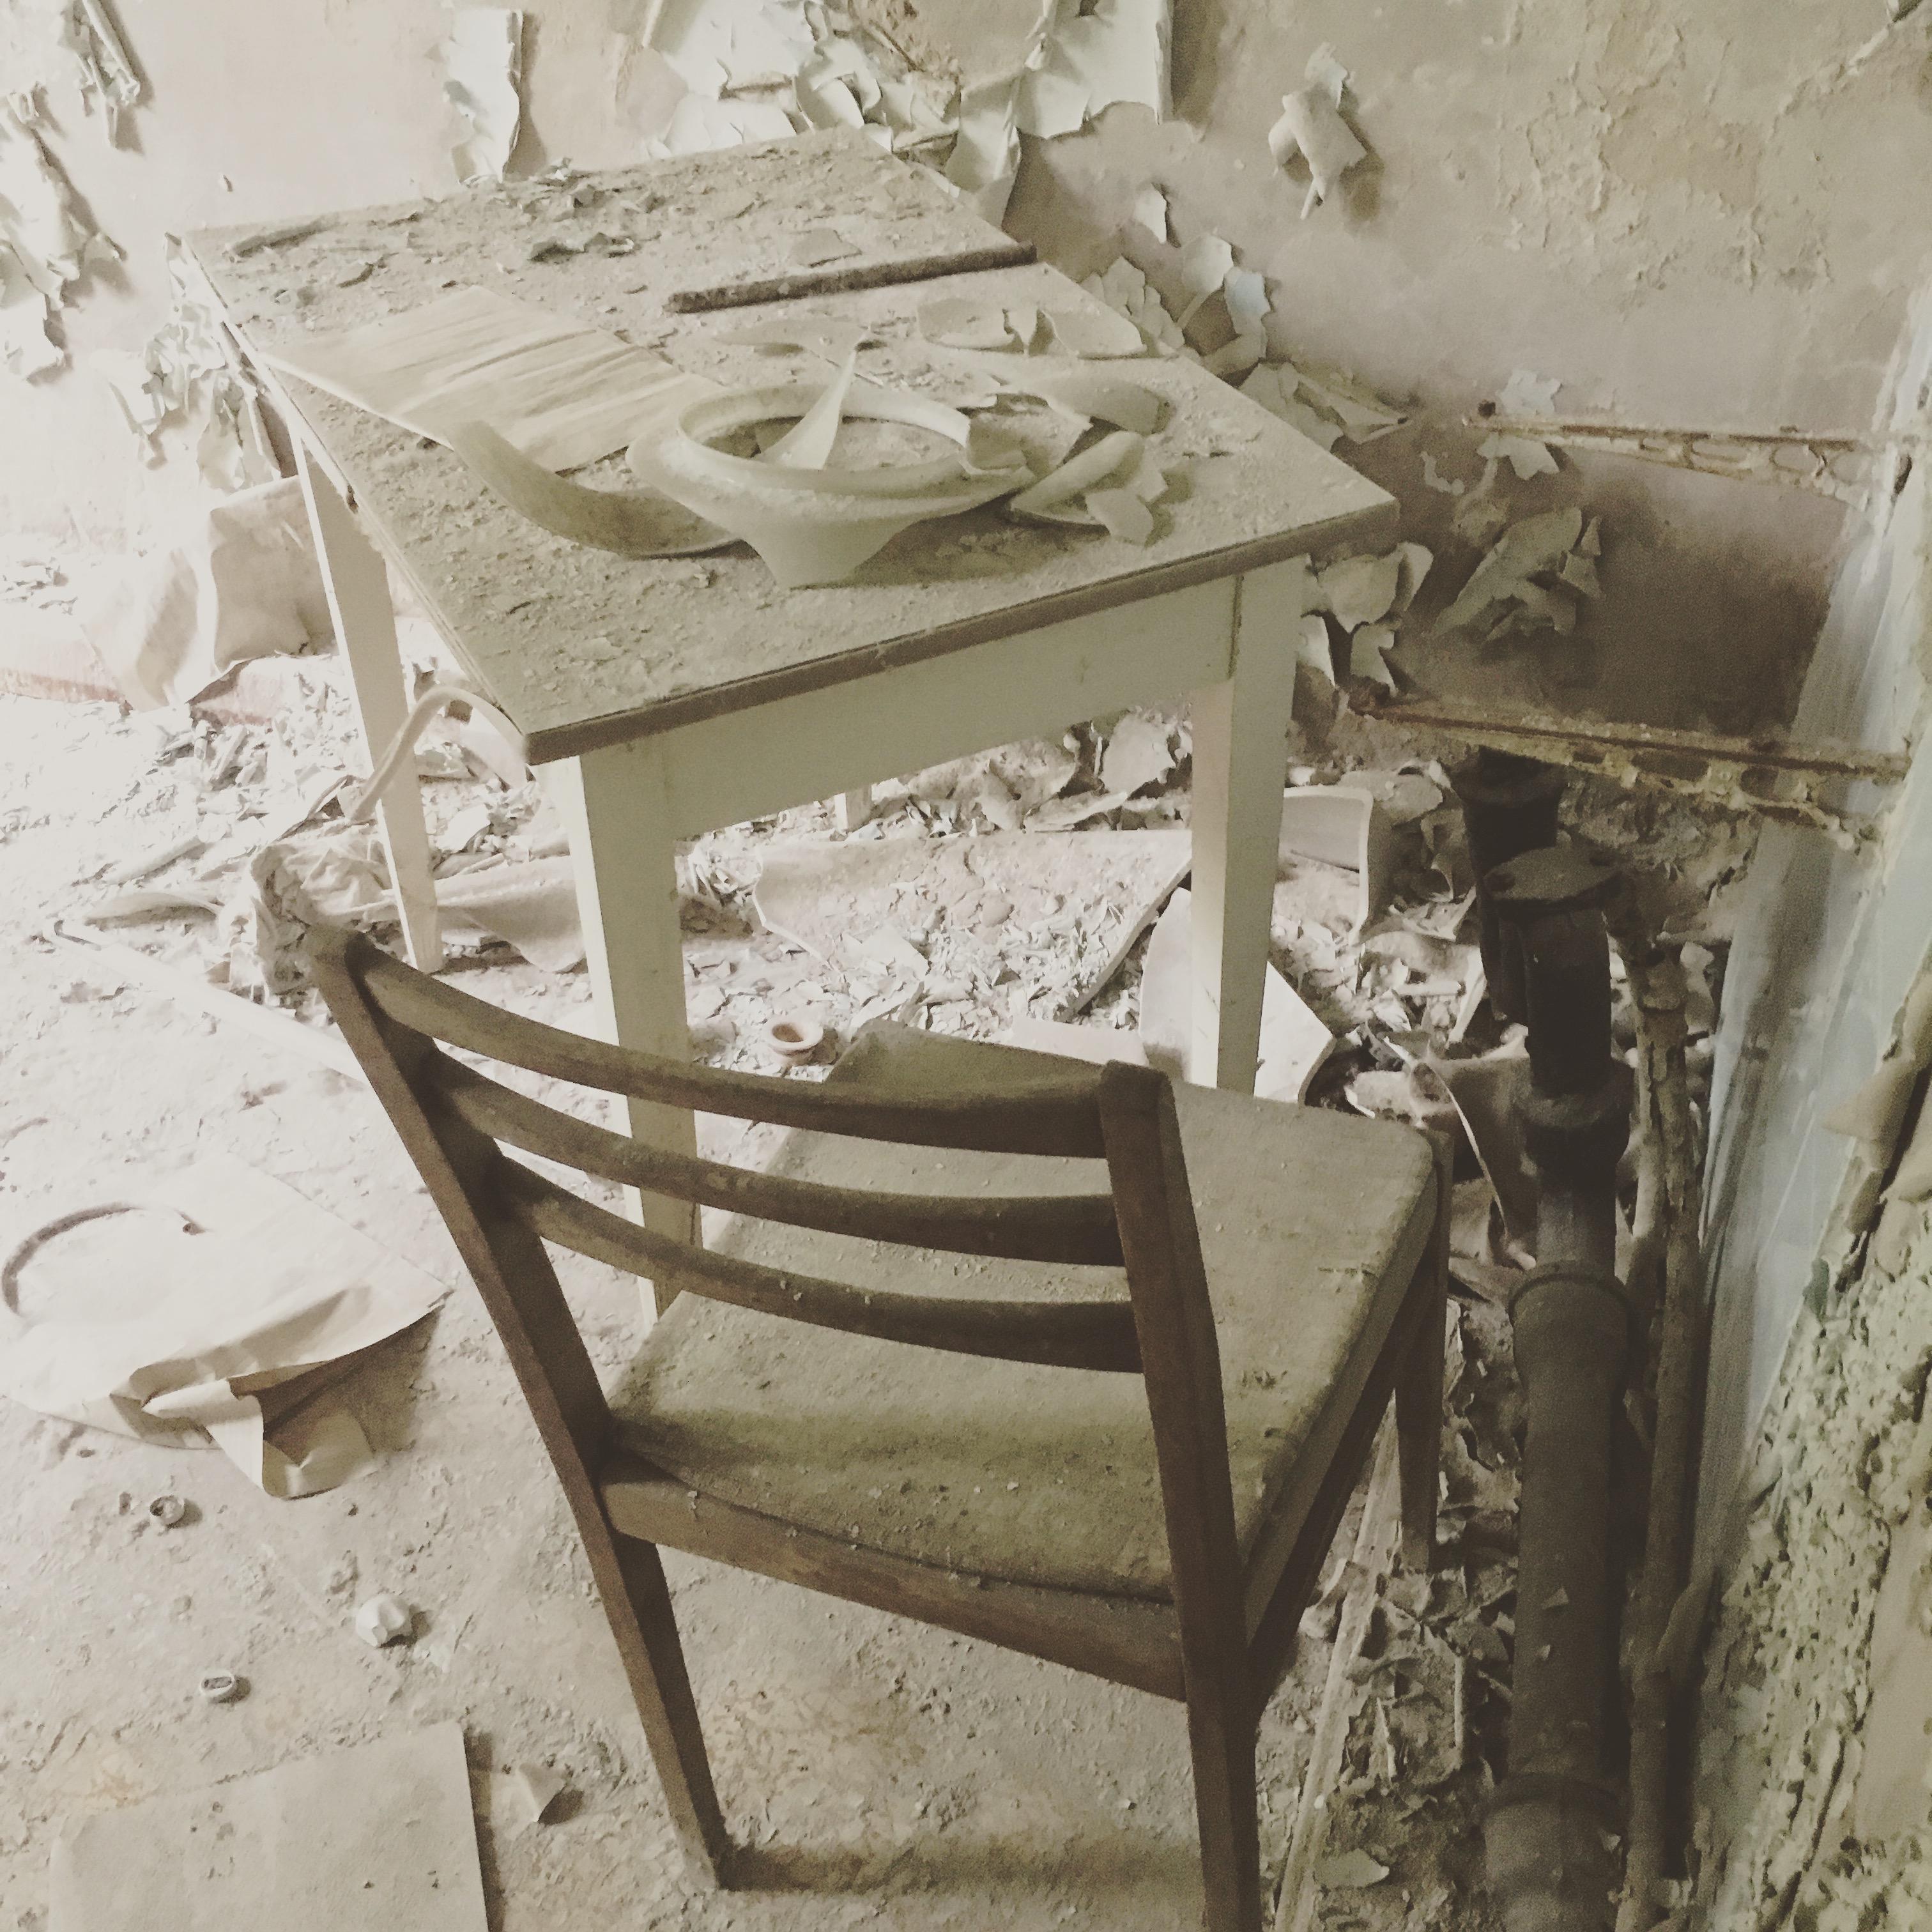 Chernobyl77